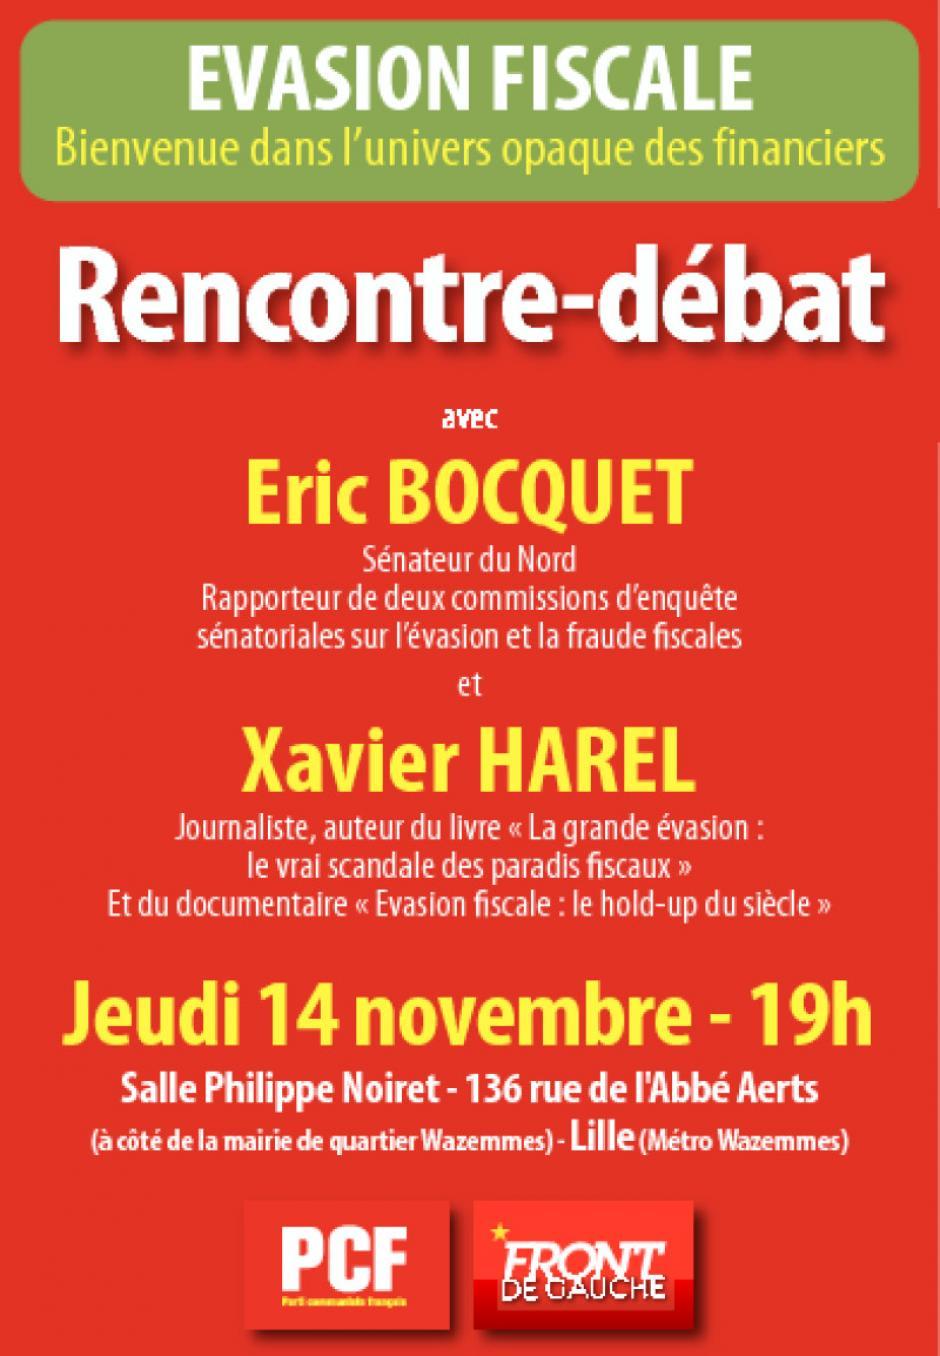 Evasion fiscale : débat le 14 Novembre à Lille avec le sénateur communiste Eric Bocquet